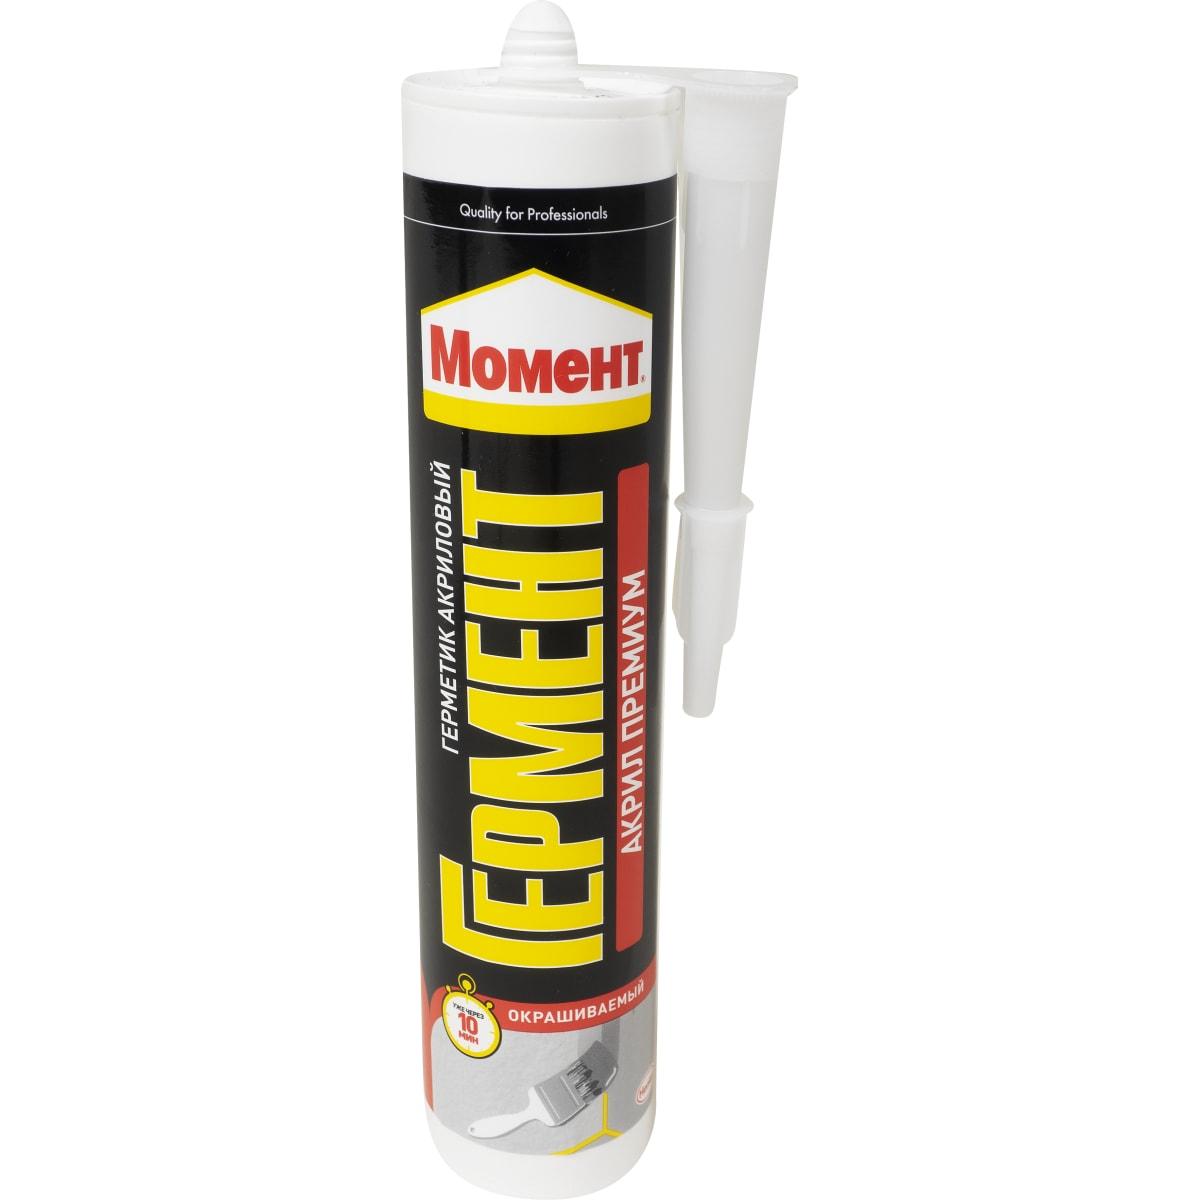 герметик для бетона купить в леруа мерлен цена